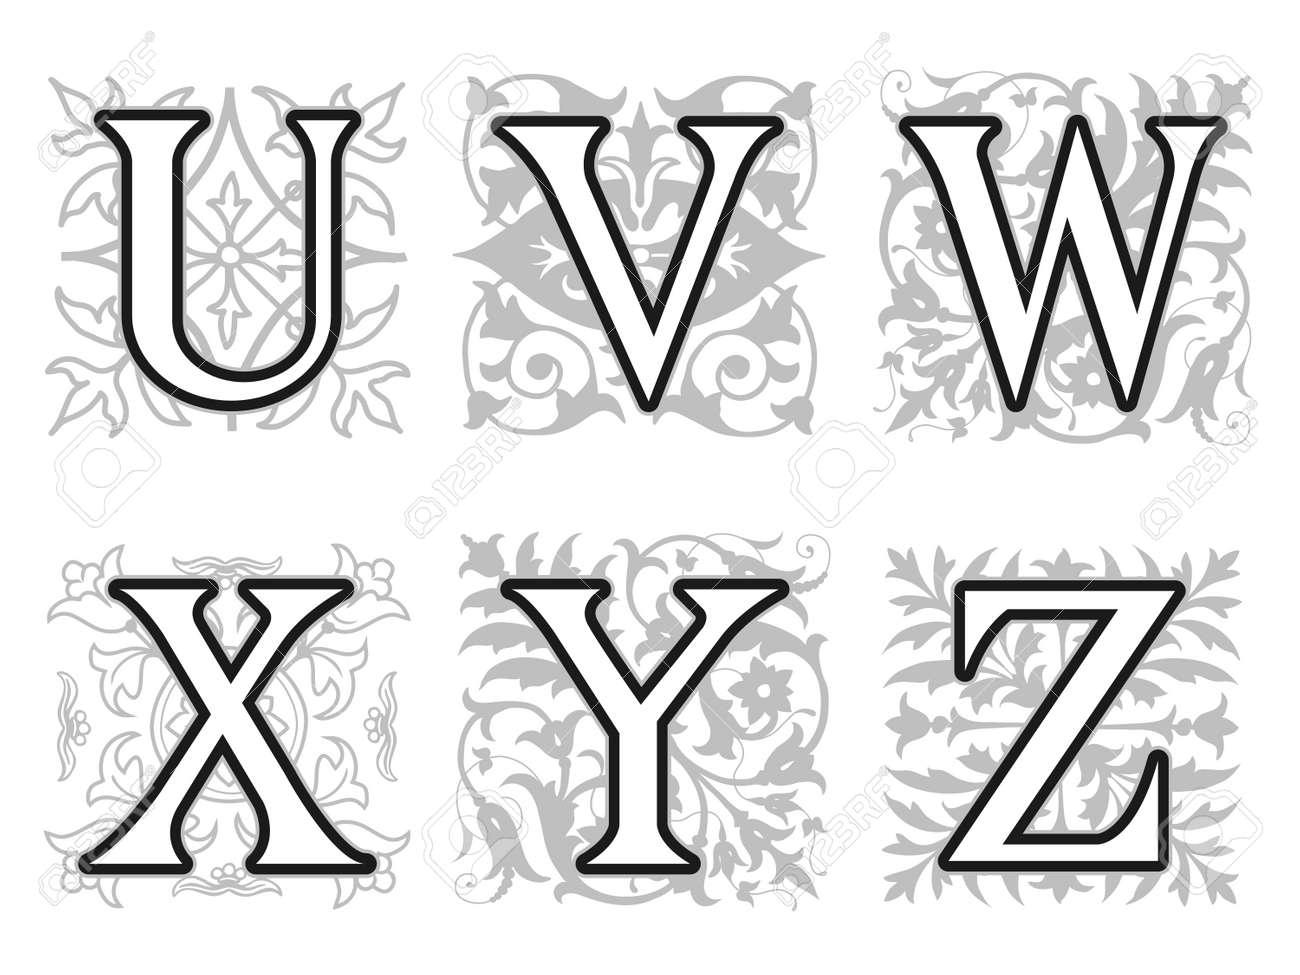 Decorative U V W X Y Z Alphabet Letters With Vintage